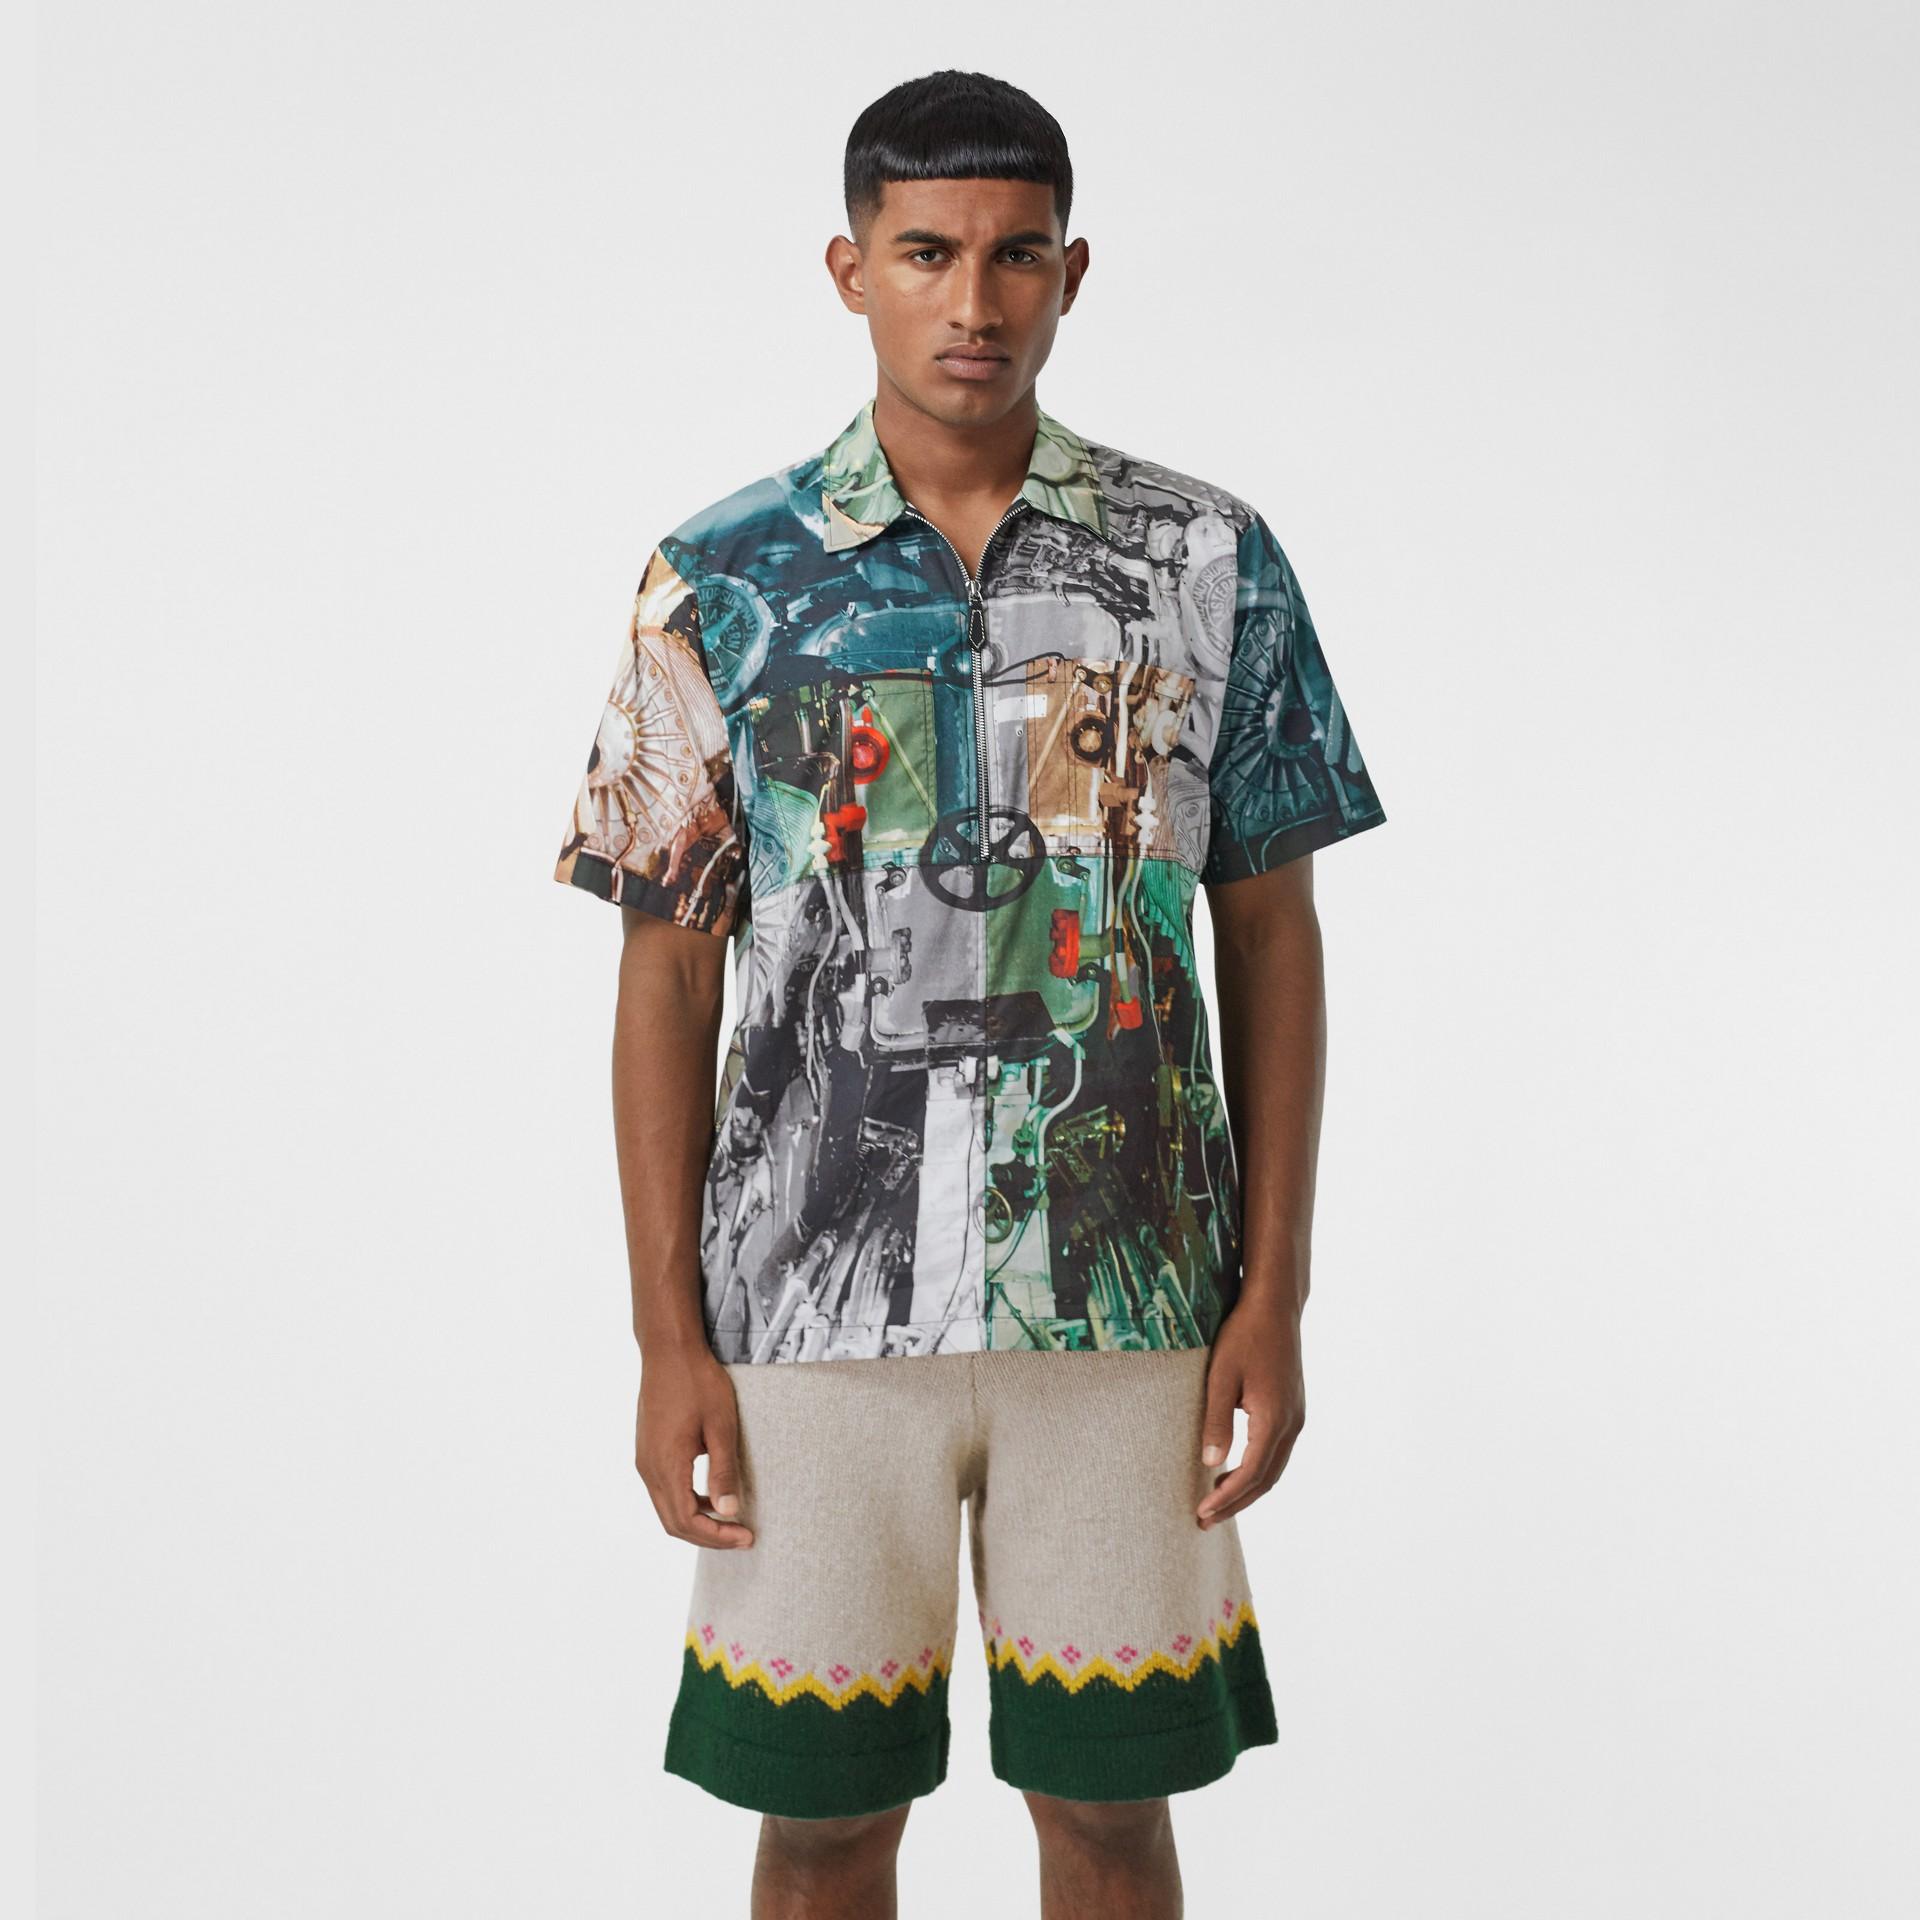 ショートスリーブ サブマリンプリント コットンシャツ (マルチカラー) - メンズ | バーバリー - ギャラリーイメージ 4